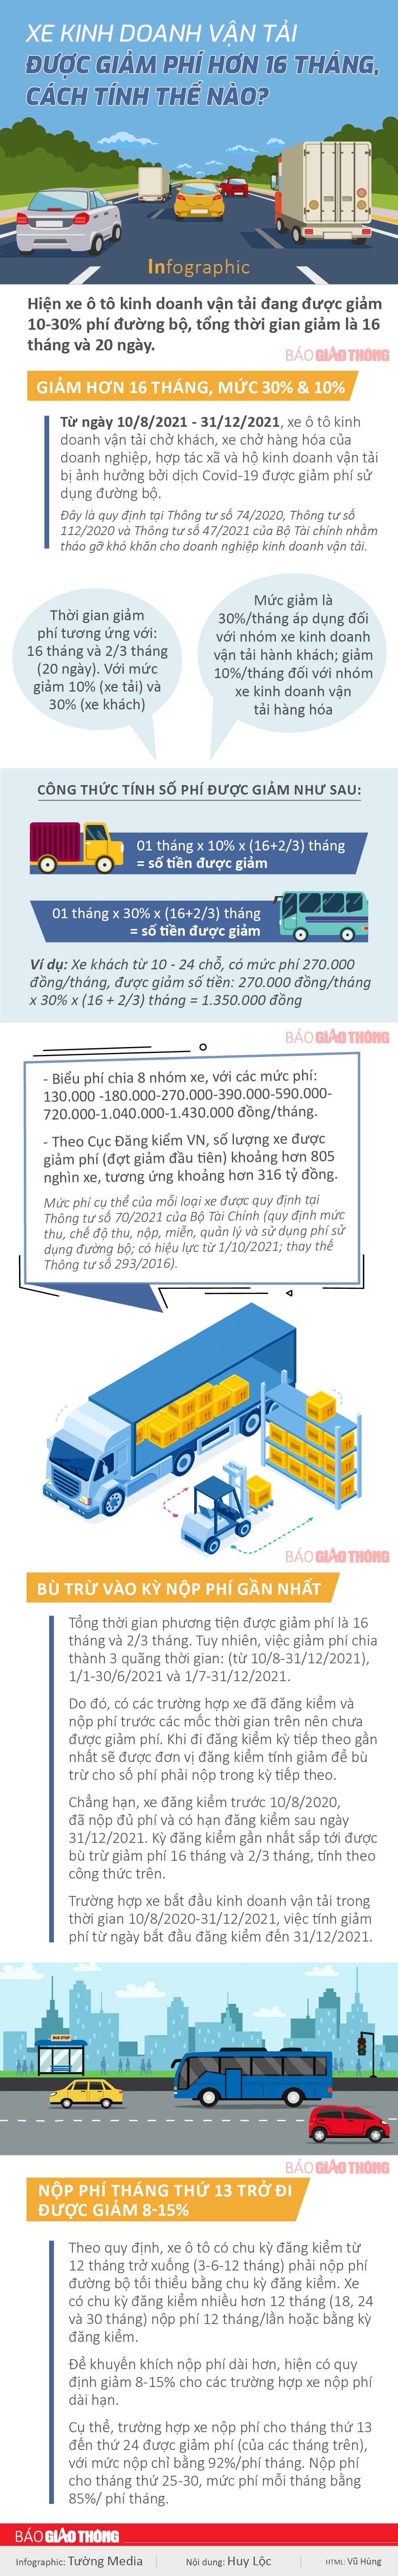 Cách tính phí đường bộ xe kinh doanh vận tải khi được giảm hơn 16 tháng - Ảnh 1